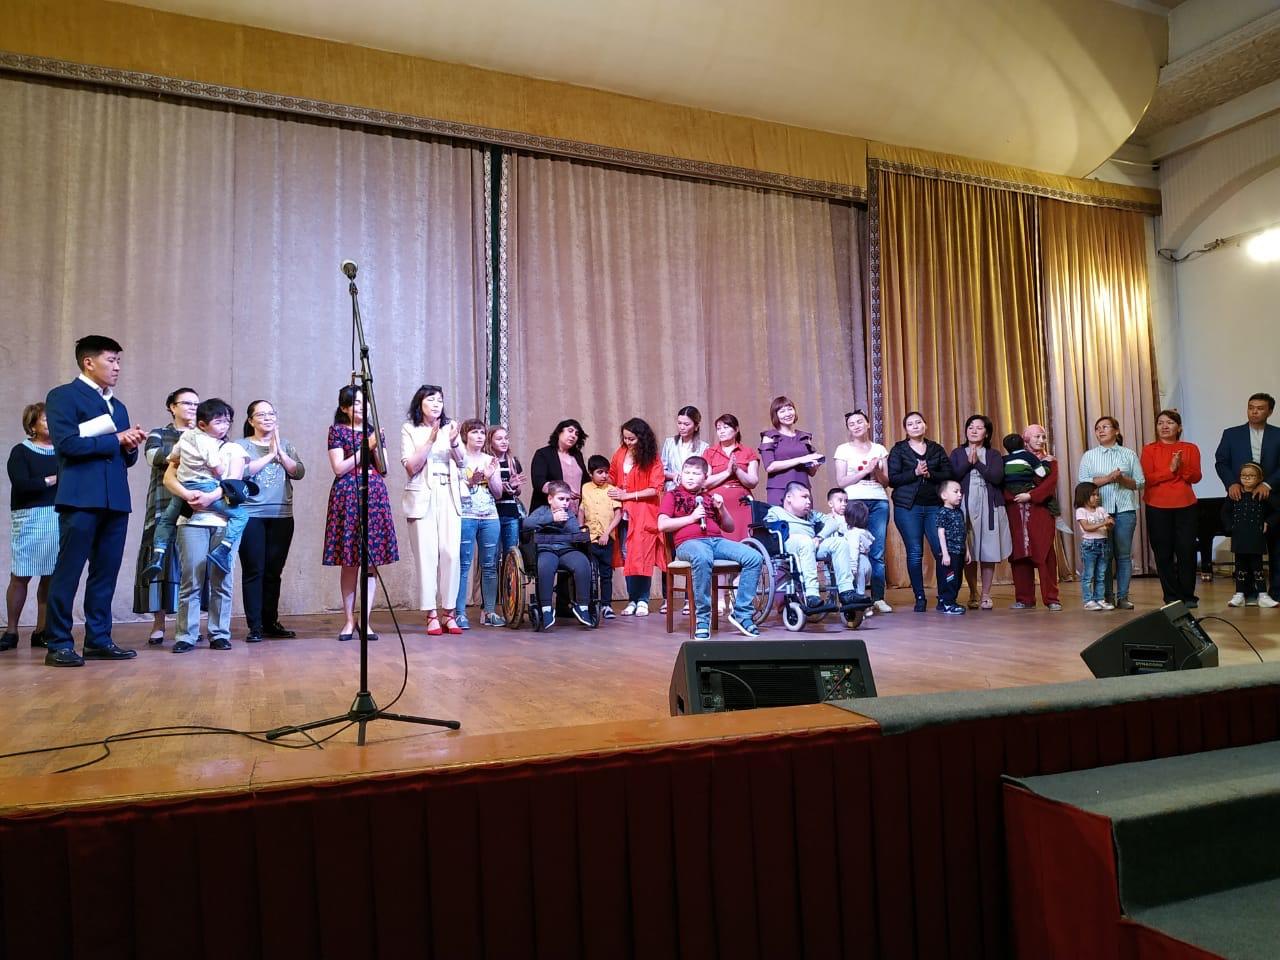 Алматыда науқас балаларды қолдауға арналған қайырымдылық концерті өтті